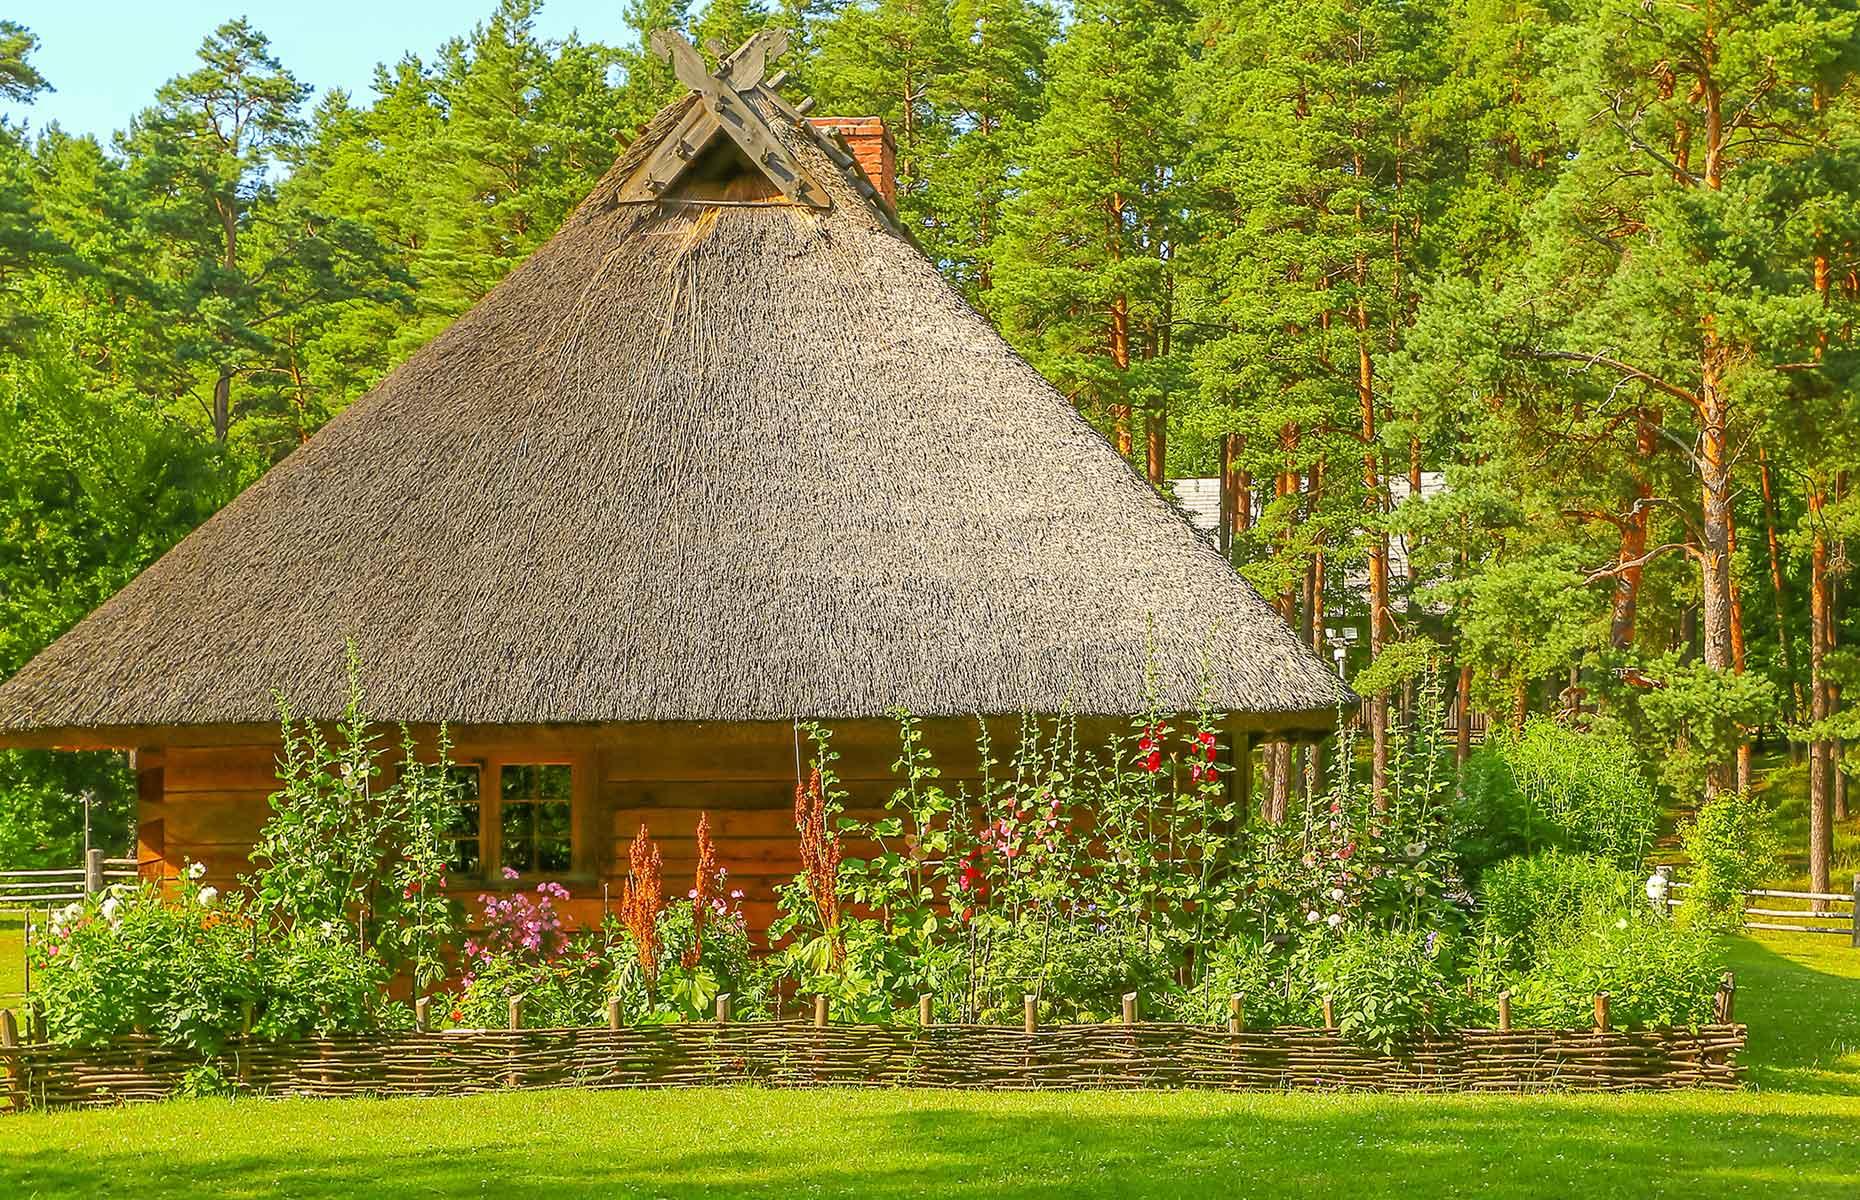 Open Air Ethnographic Museum (Image: Svetlana Mahovskaya/Shutterstock)